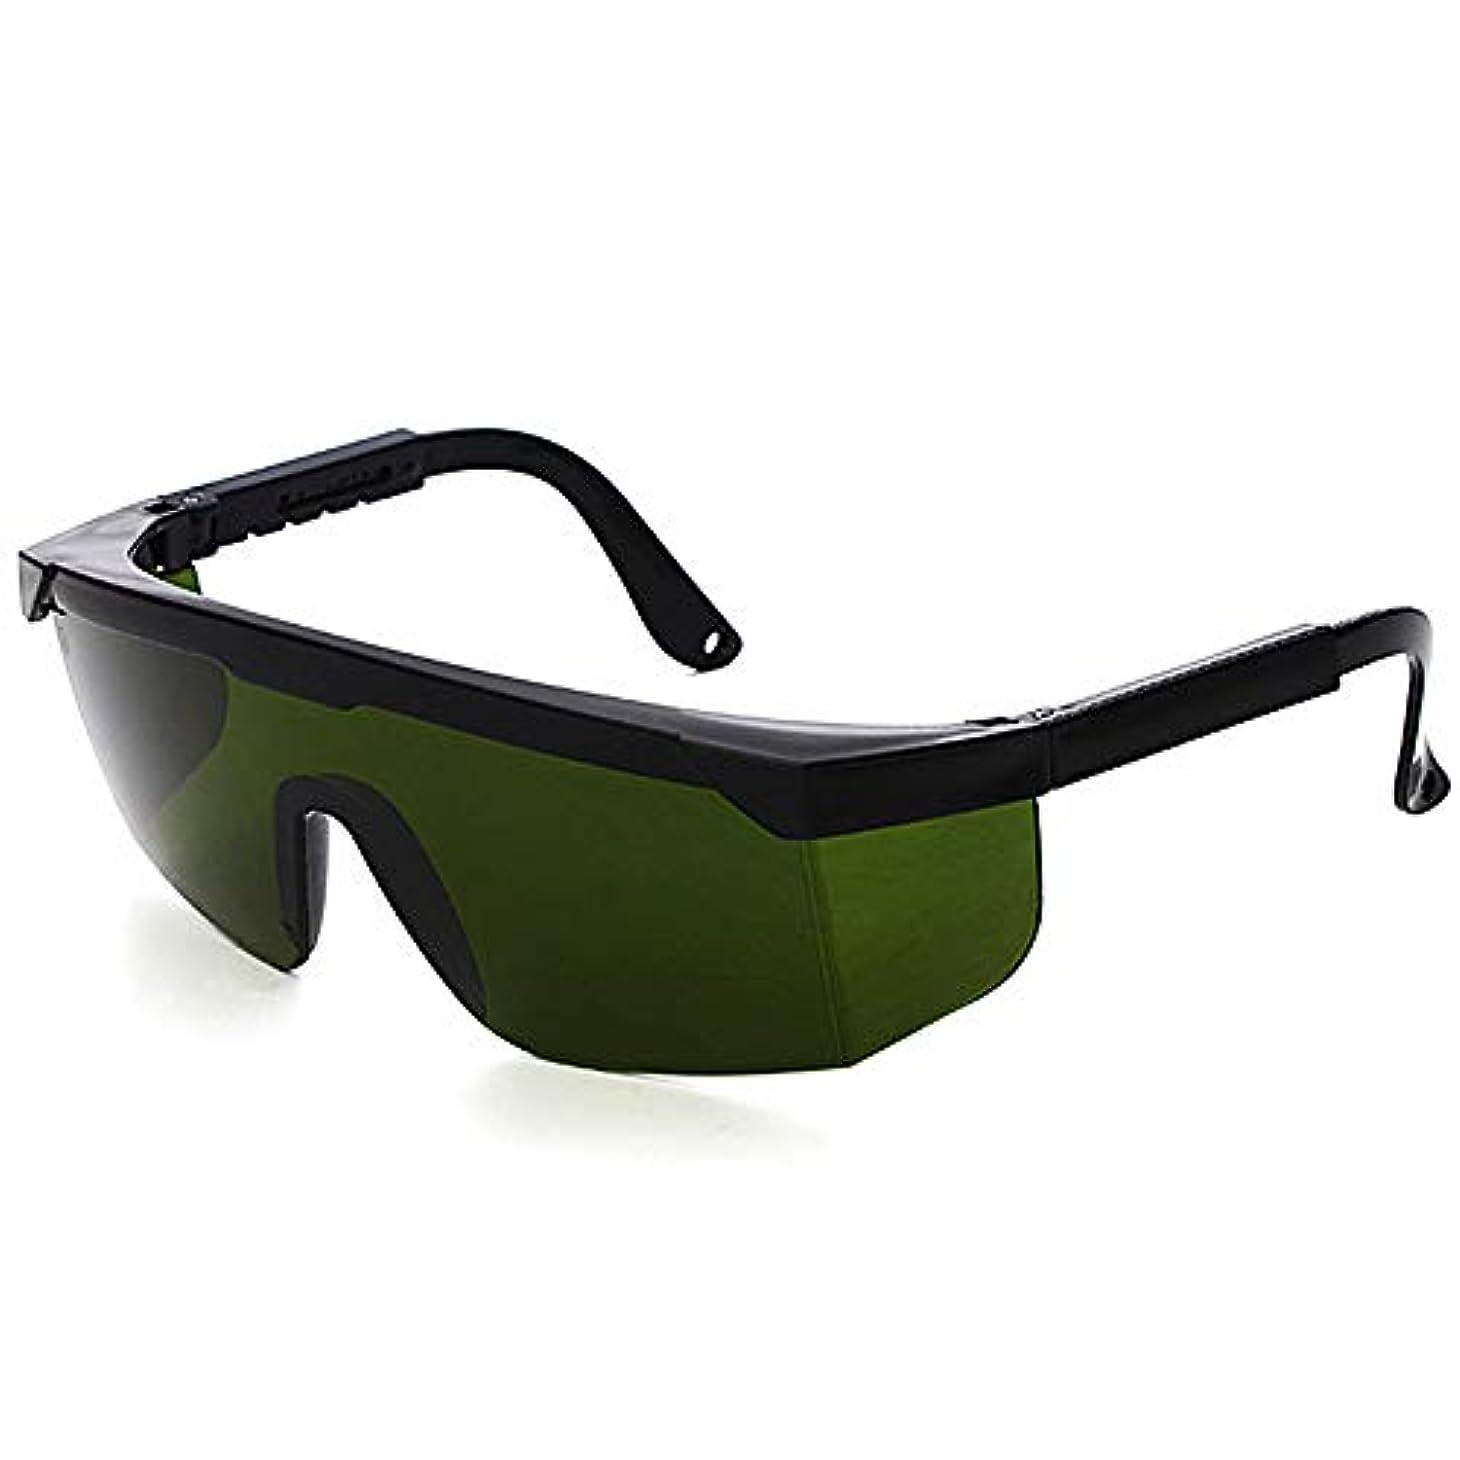 合併症嫌悪インフラレーザー保護メガネIPL美容機器メガネ、レーザーメガネ - 2組のパルス光保護メガネ。